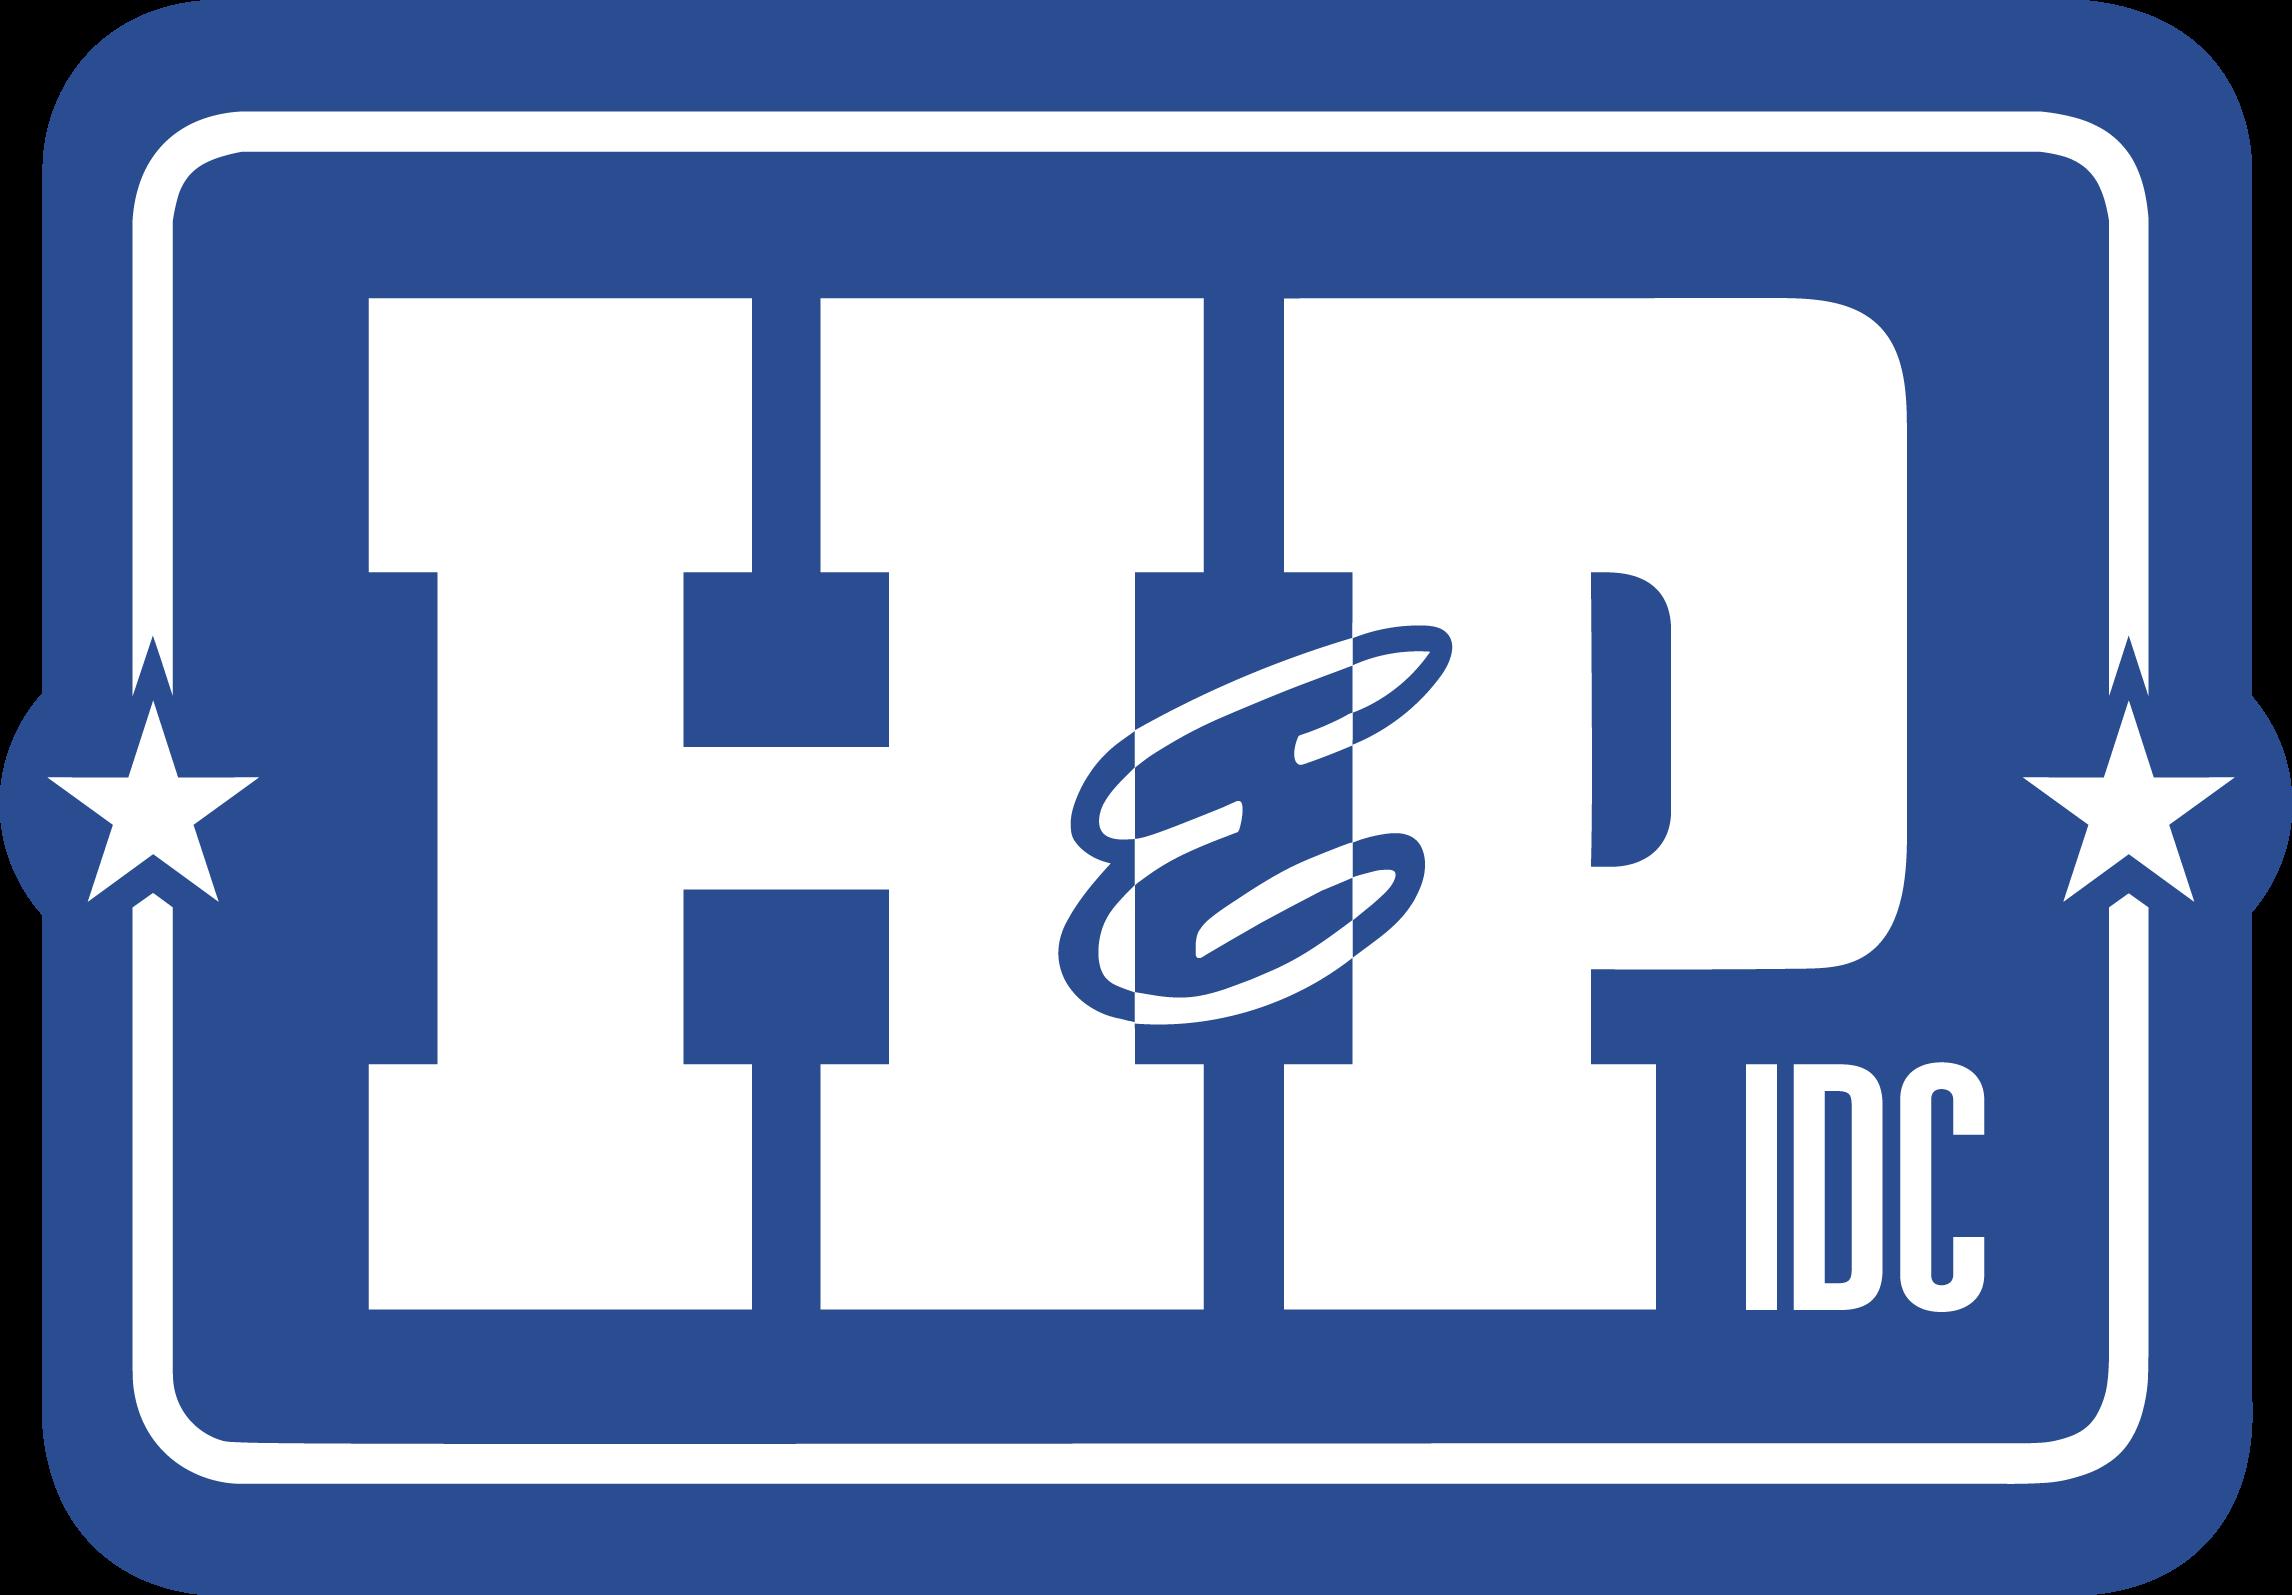 hpidc